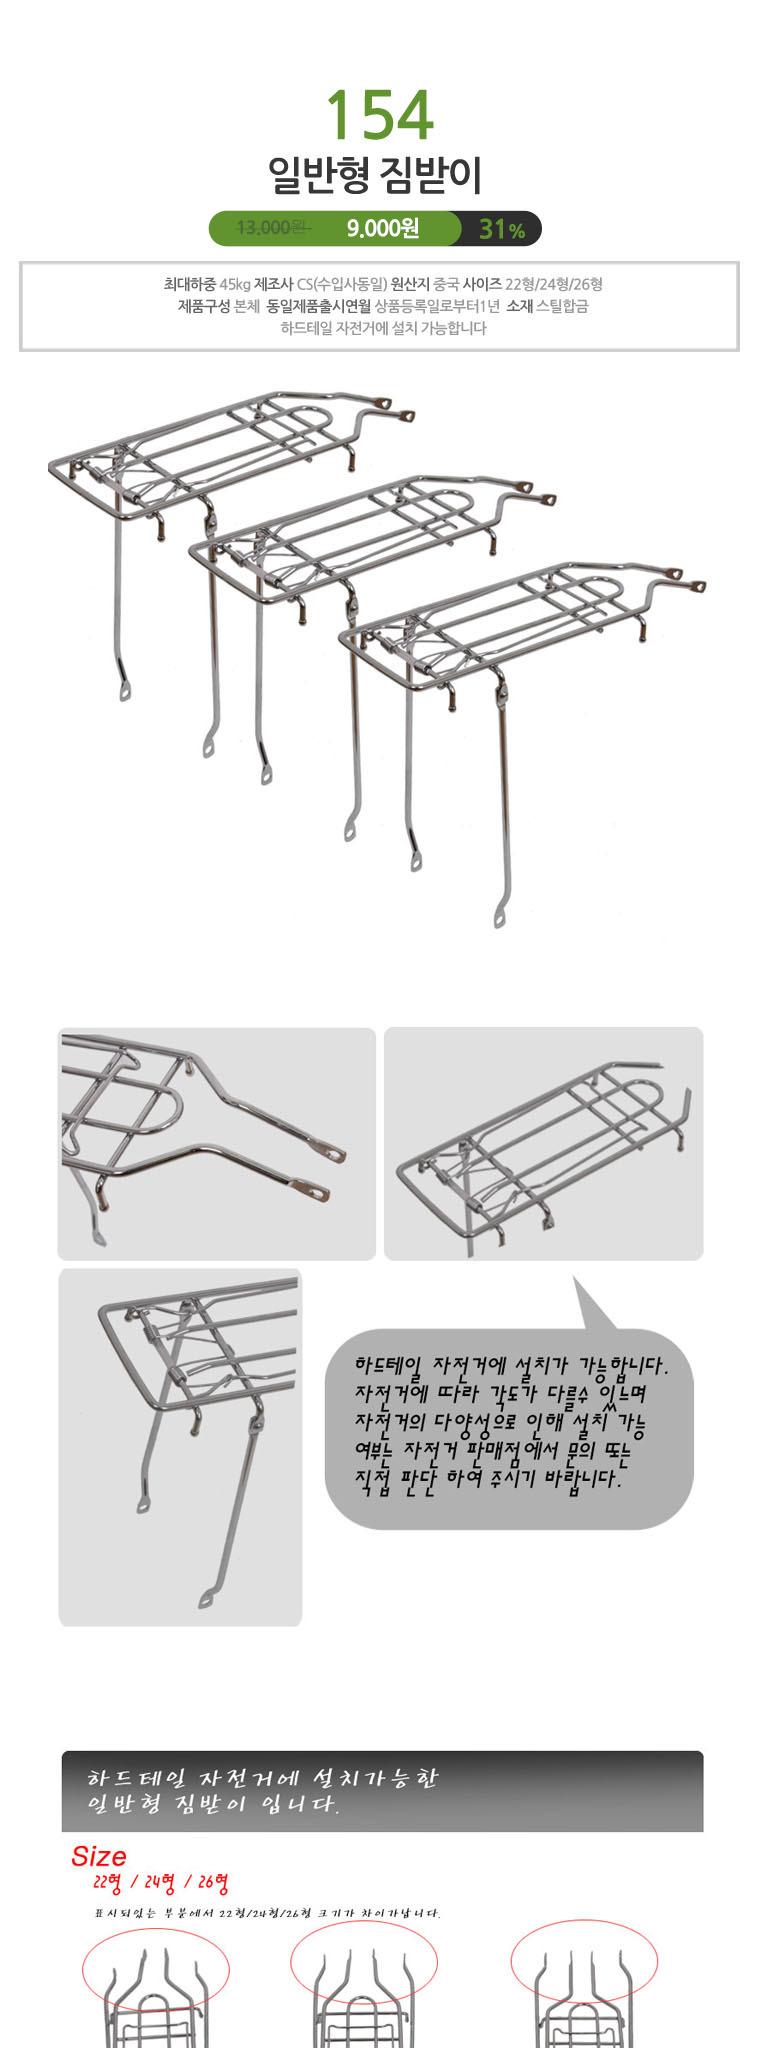 자전거용품 입문자용192종! - 상세정보